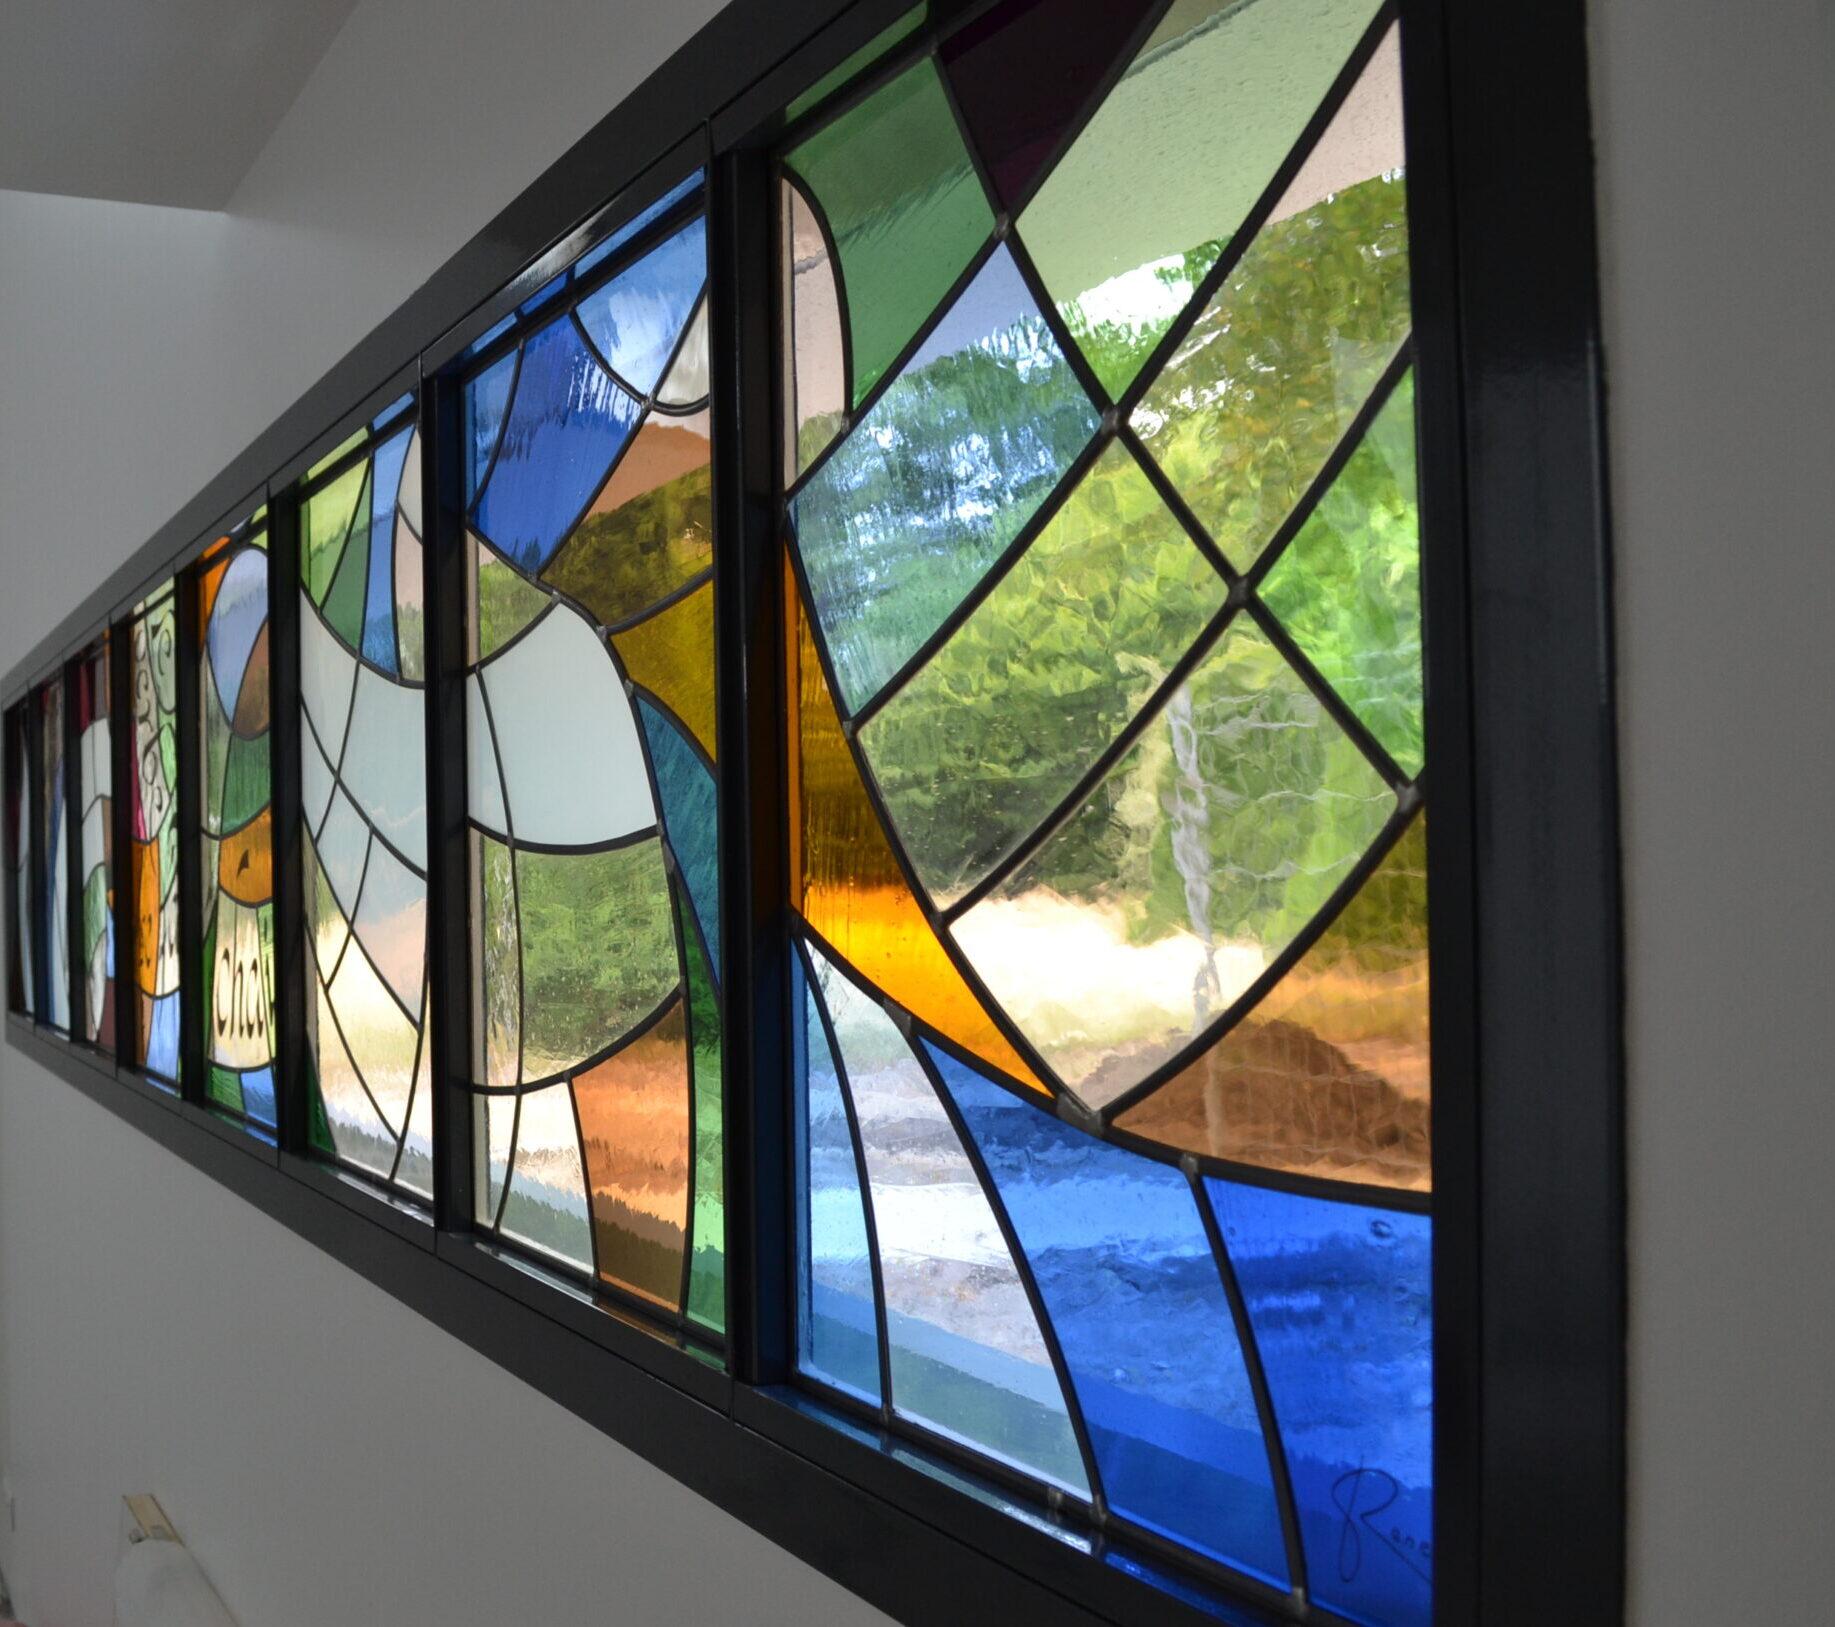 création vitraux Atelier de vitrail Christian BEAUBREUIL